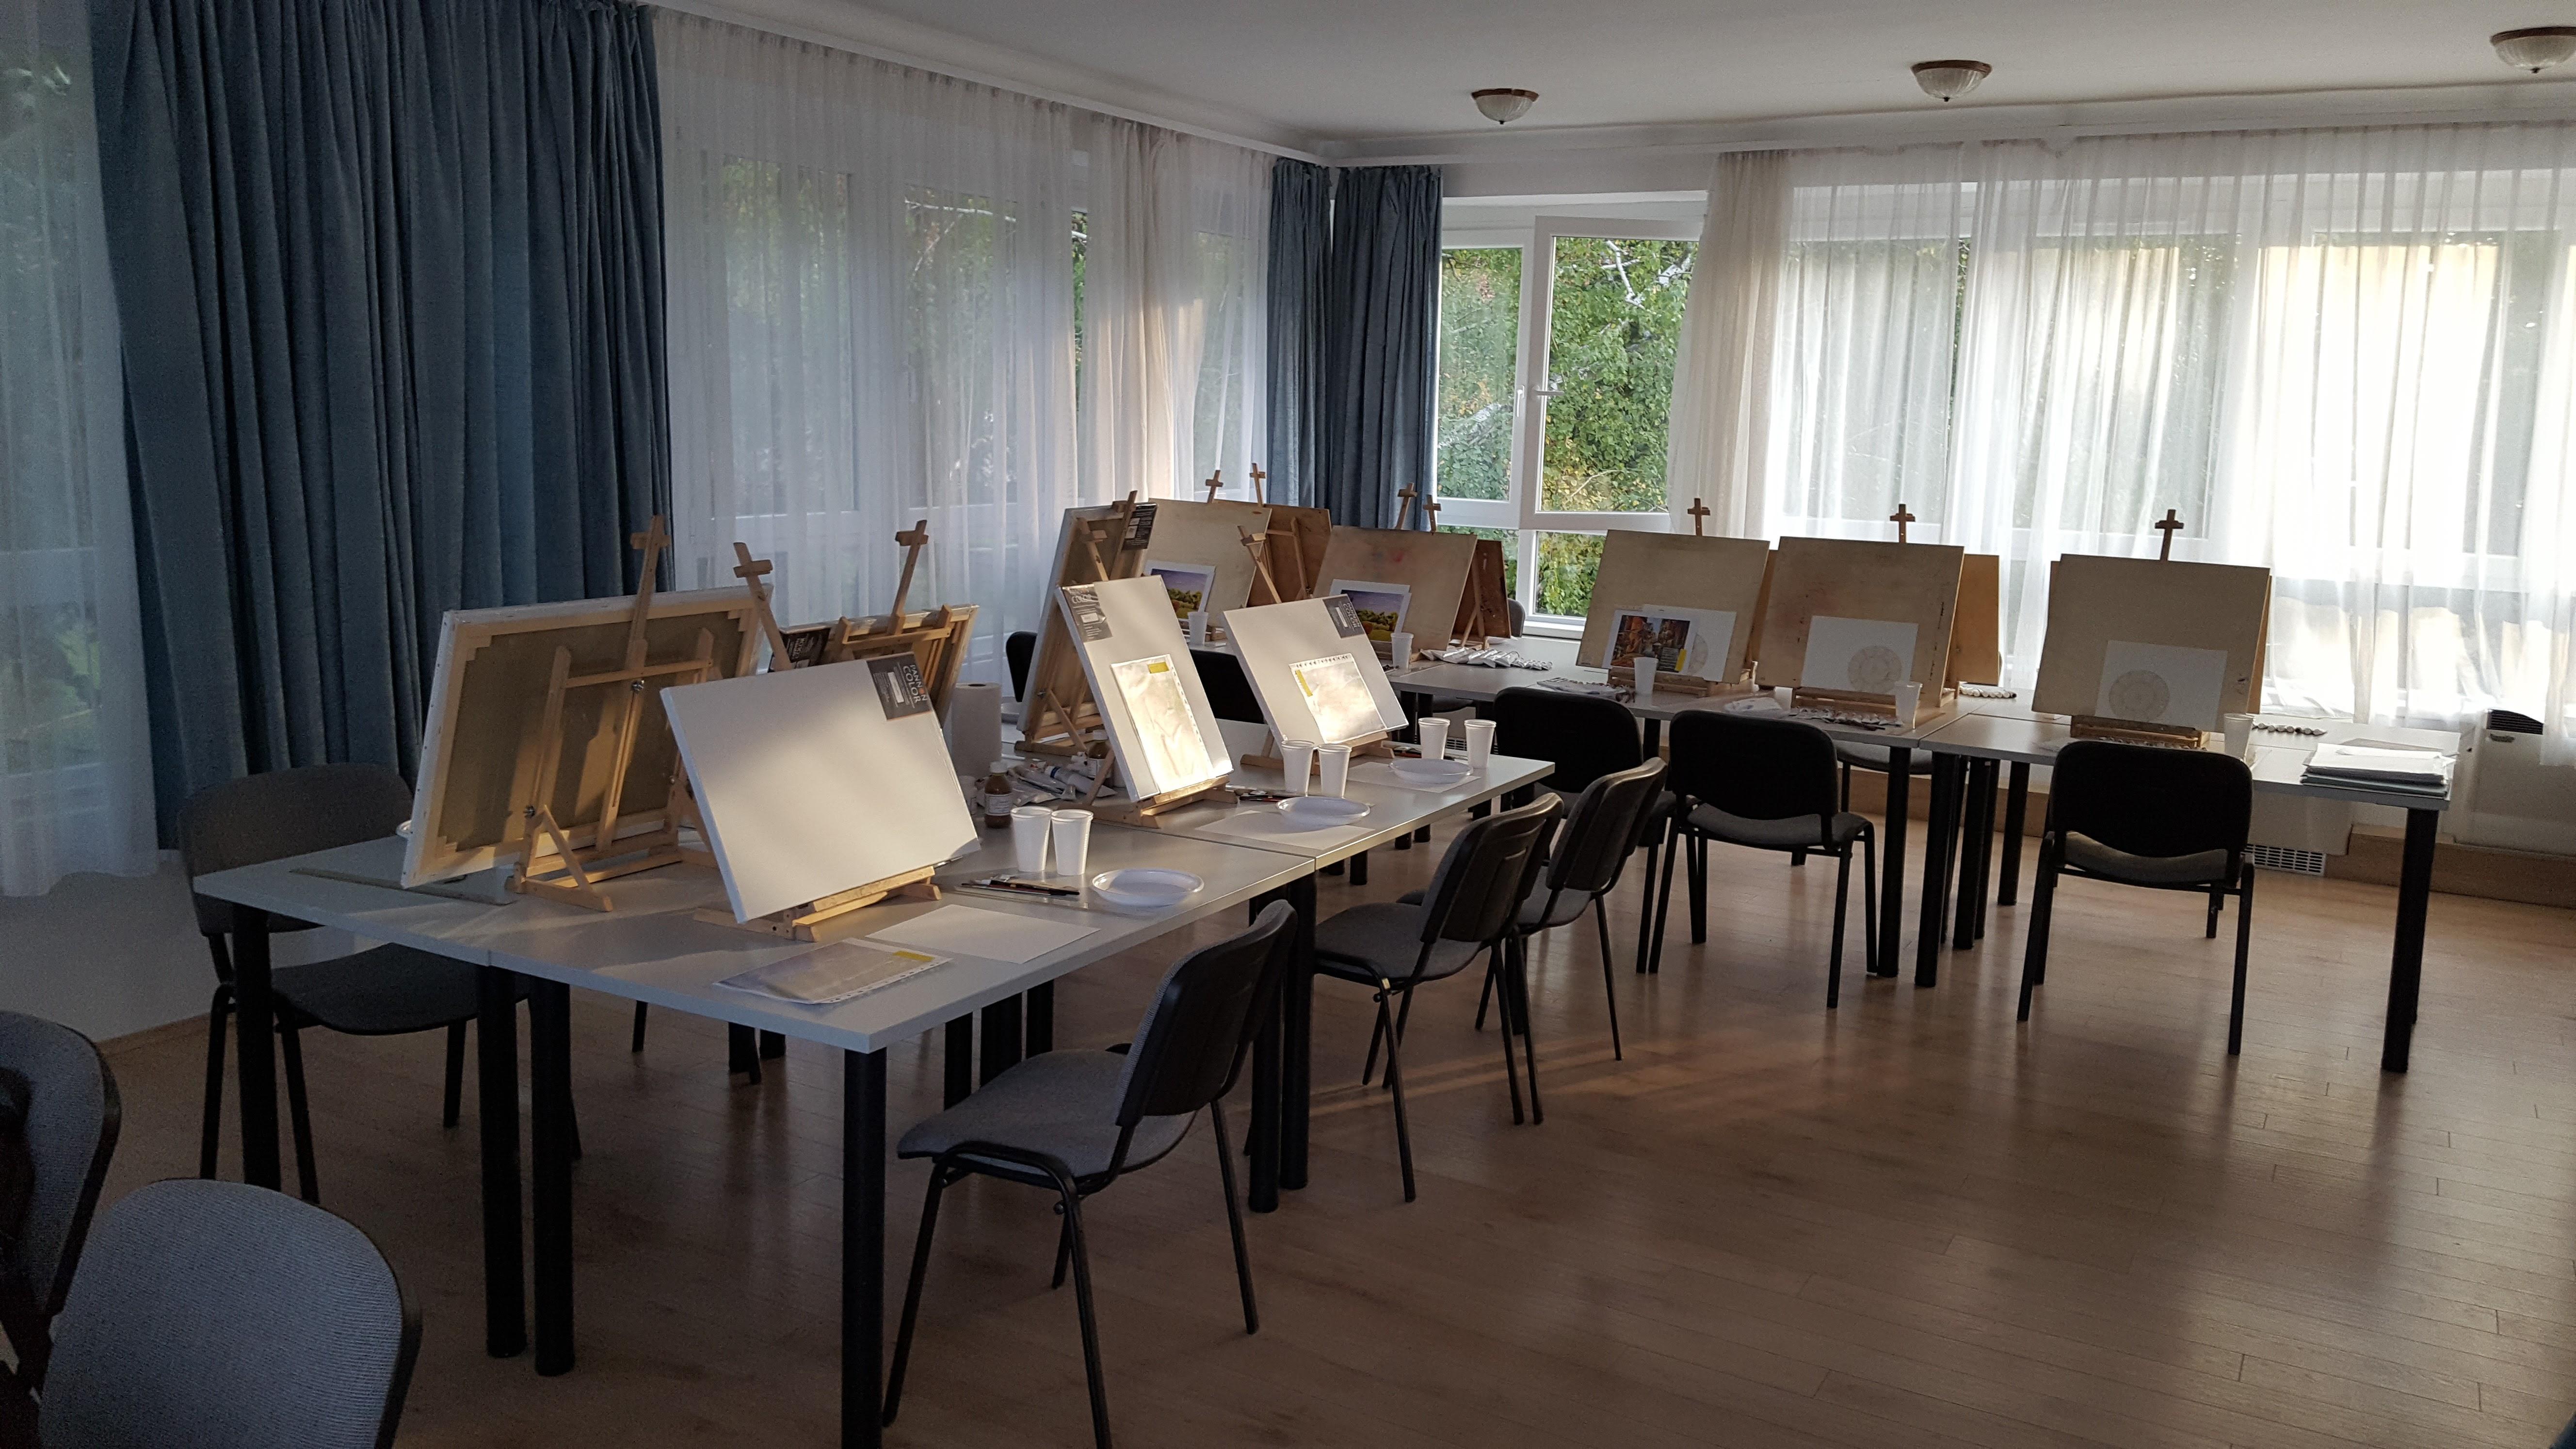 Műterem (egy érsze), Balatonföldvár, művésztábor, 2017